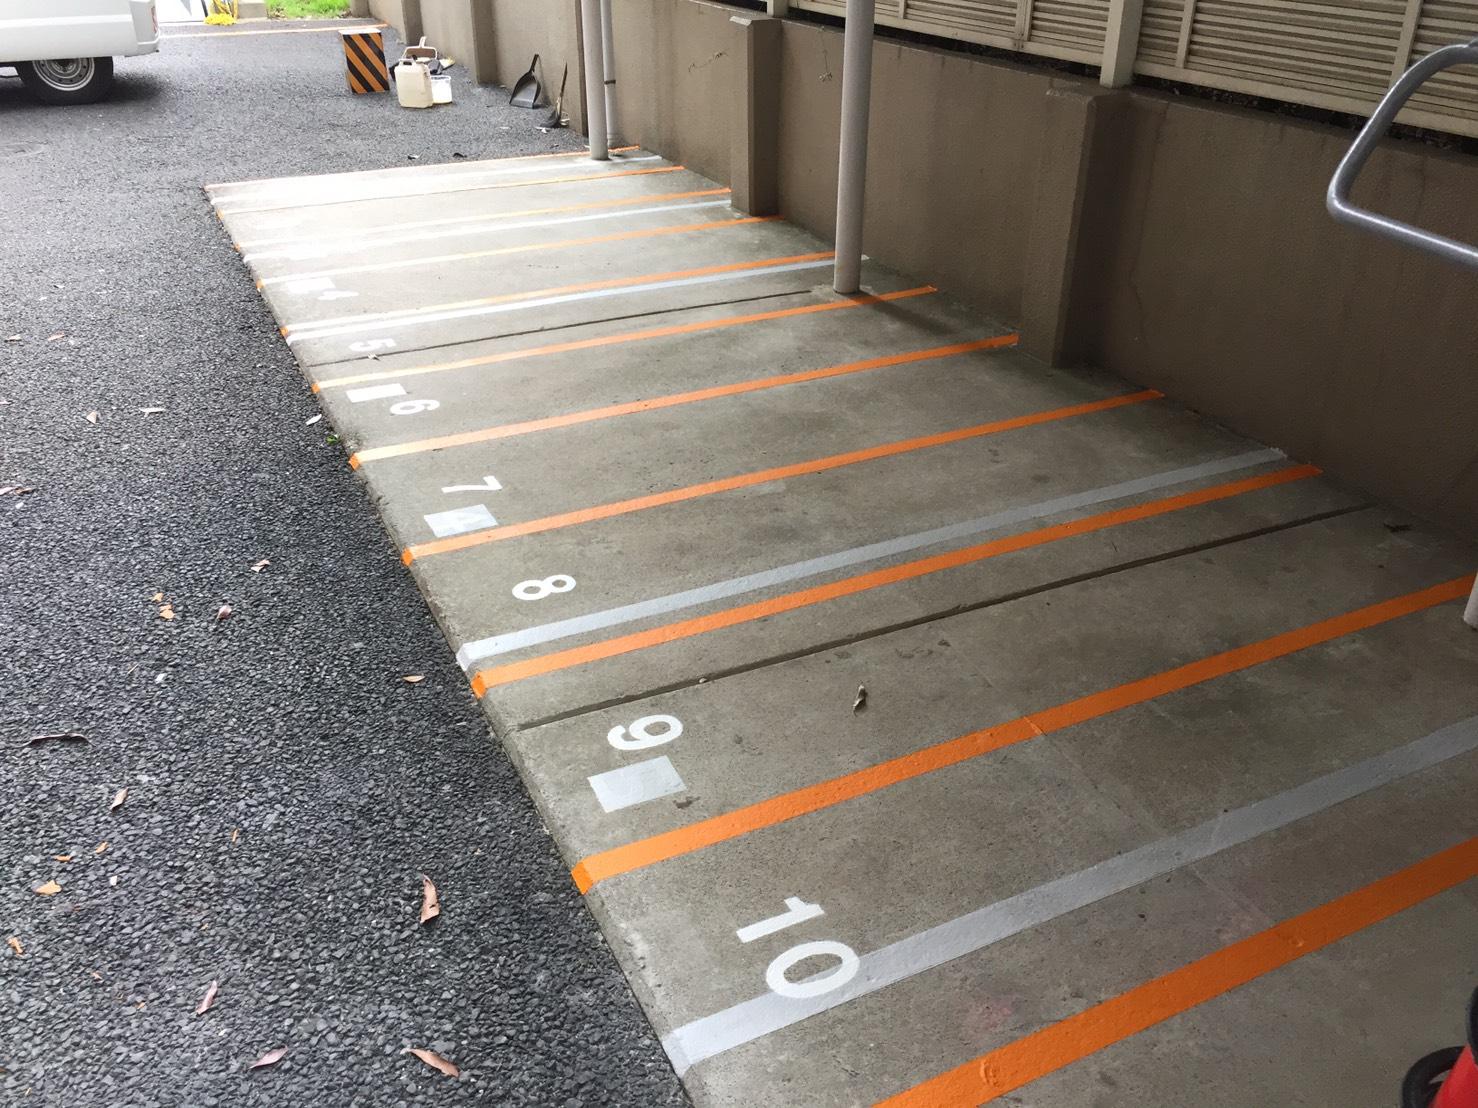 マンション駐輪場 区分ライン塗装工事